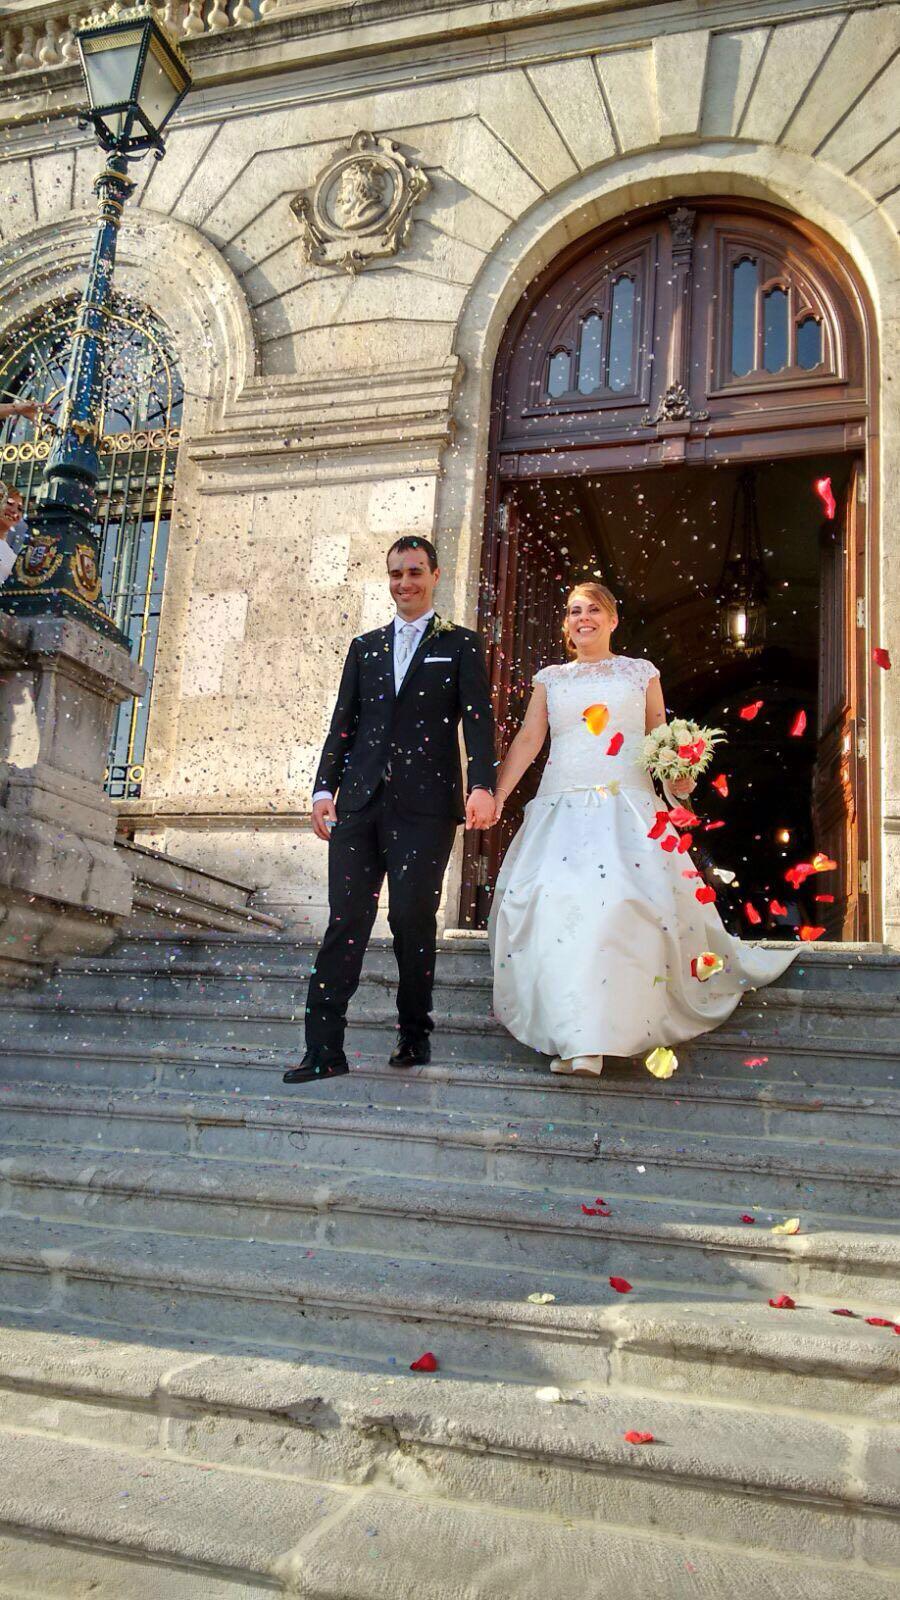 Boda Naiara Gipsy : Cerezo atalaya boda de naiara y juan pablo